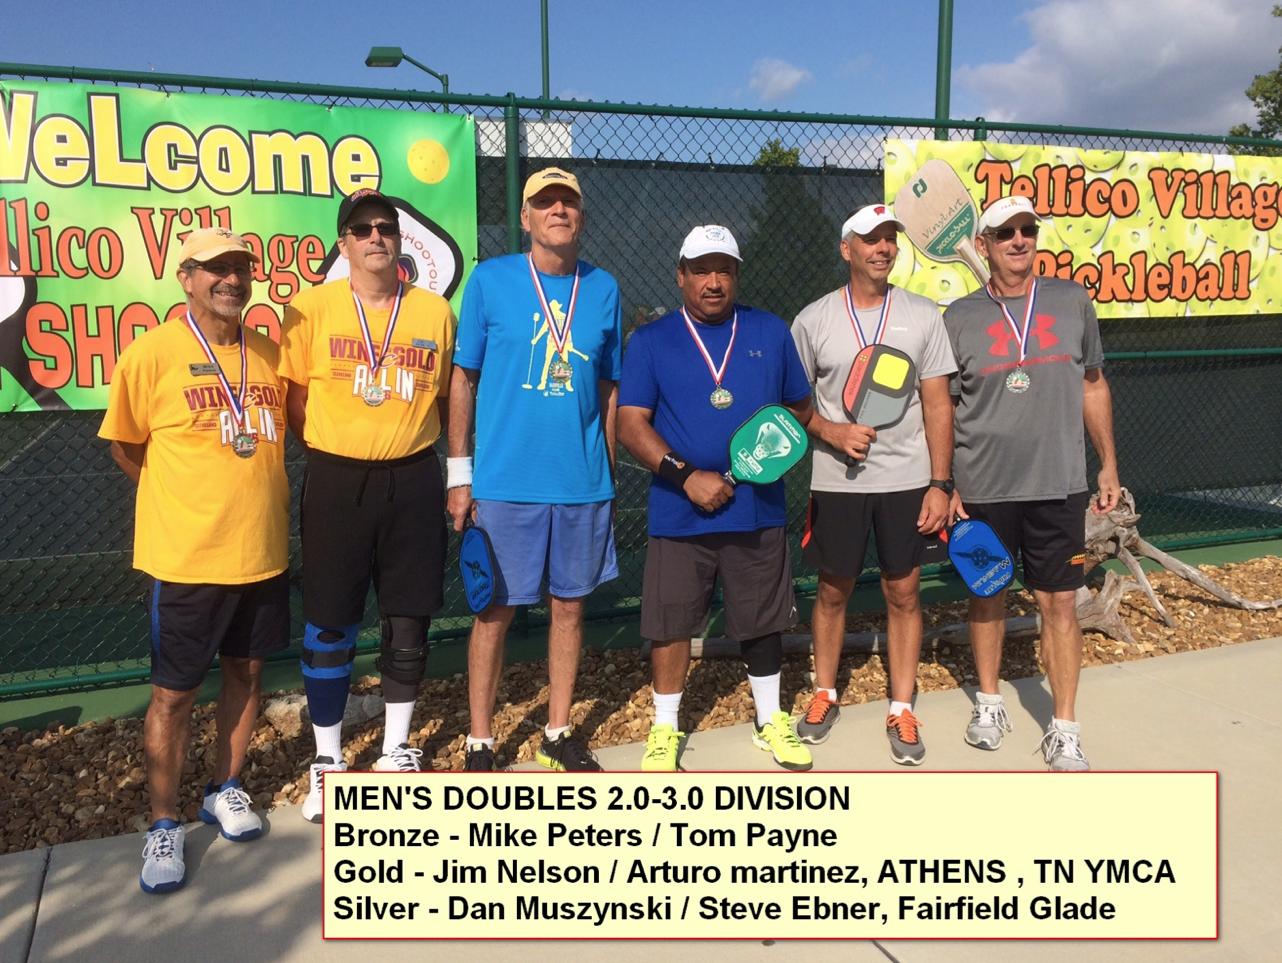 Men's Doubles 2.0 - 3.0 Division